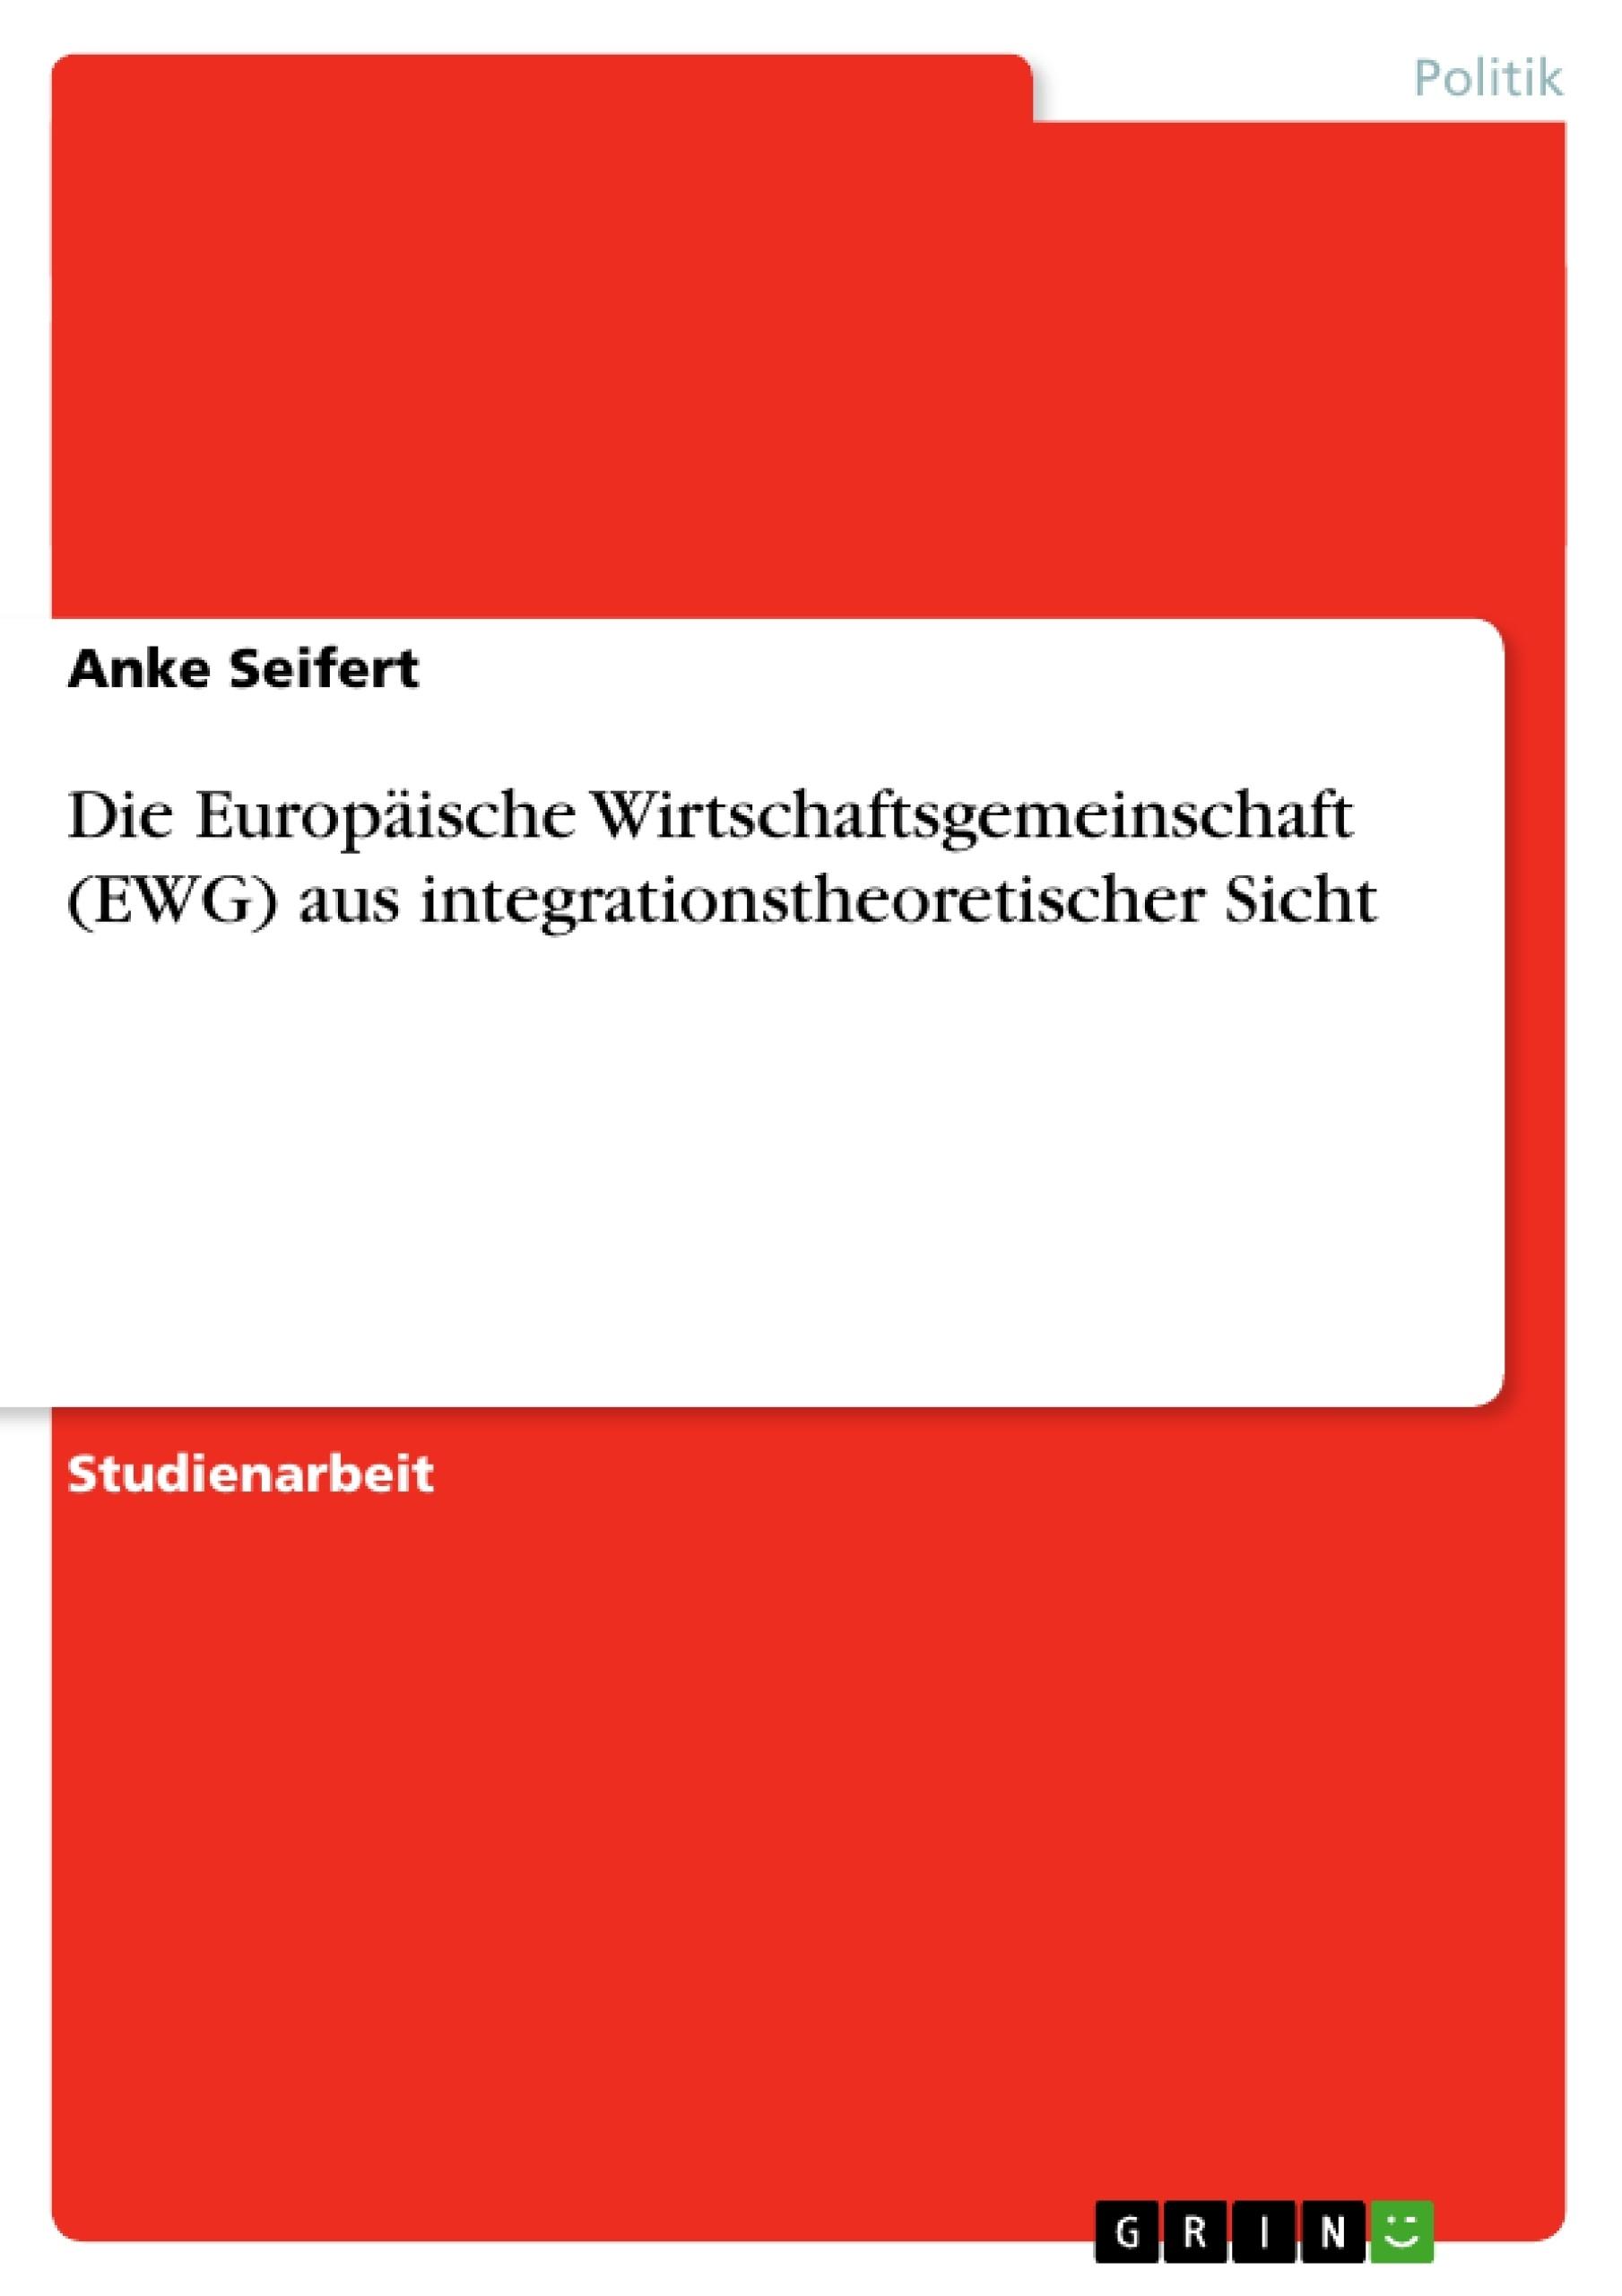 Titel: Die Europäische Wirtschaftsgemeinschaft (EWG) aus integrationstheoretischer Sicht